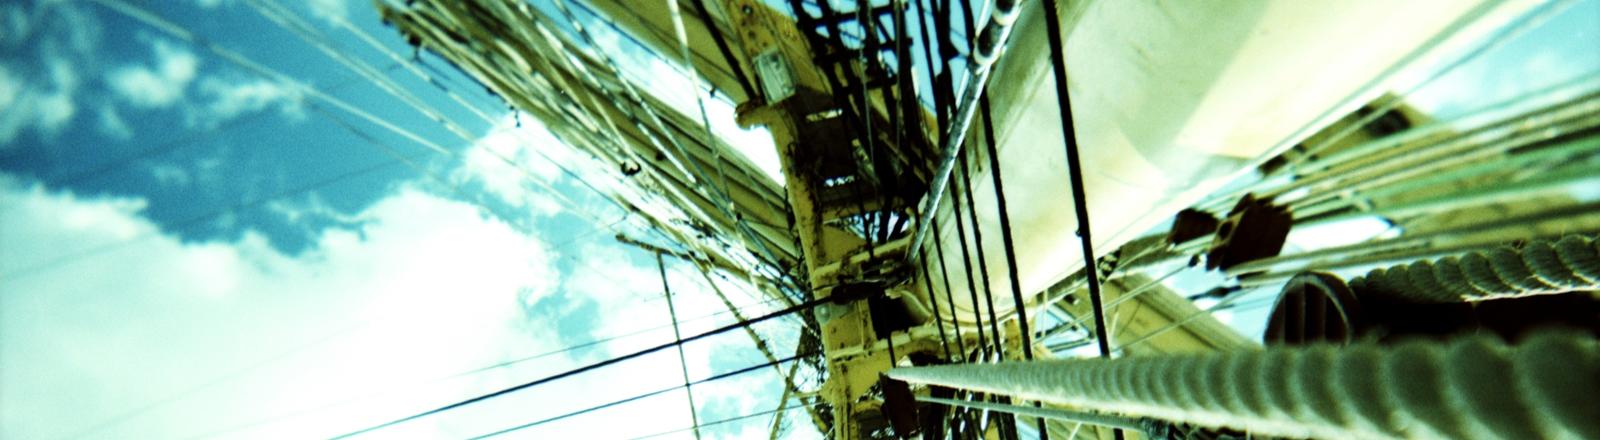 Der Mast eines Segelschiffs von unten